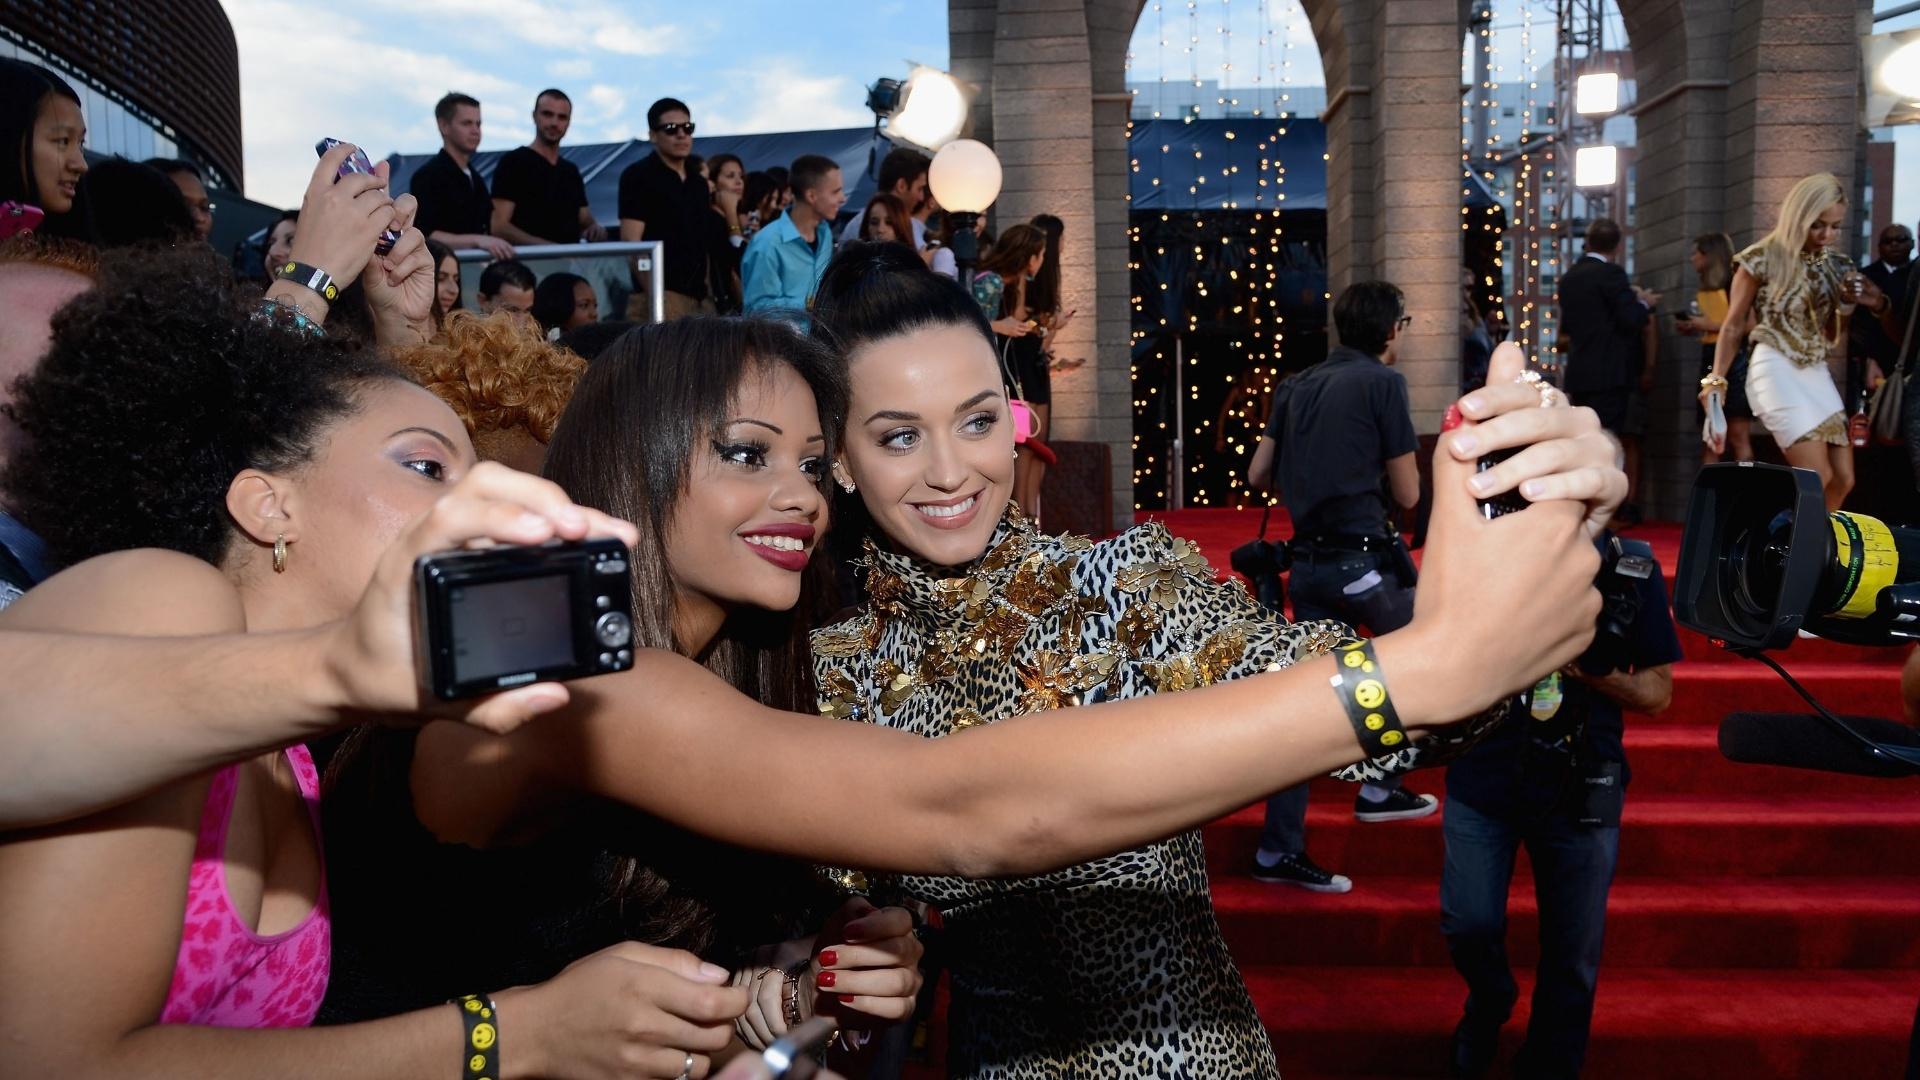 25.ago.2013 - Katy Perry tira foto com fãs no tapete vermelho do Barclays Center, em Nova York, para a cerimônia do Video Music Awards 2013